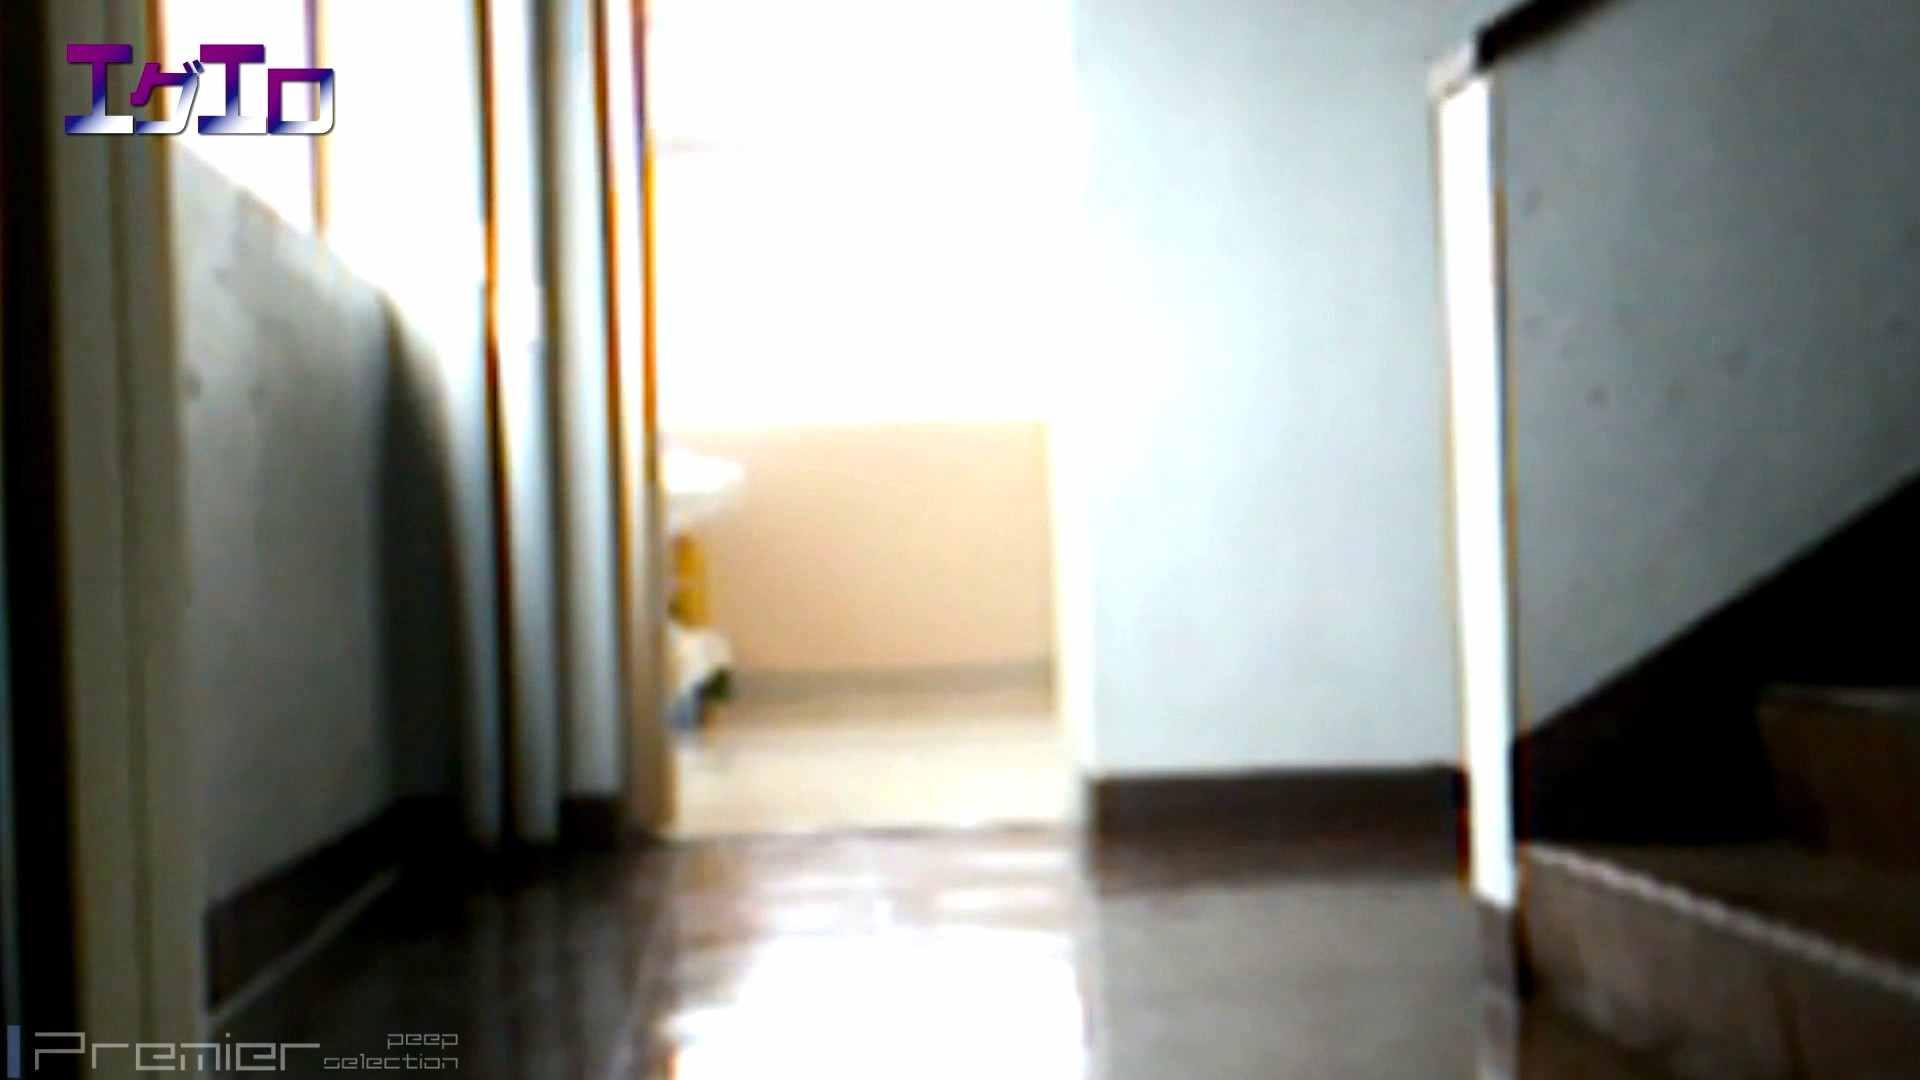 至近距離洗面所 Vol.10ブルージーンズギャルの大放nyo OL | ギャル・コレクション  61連発 35